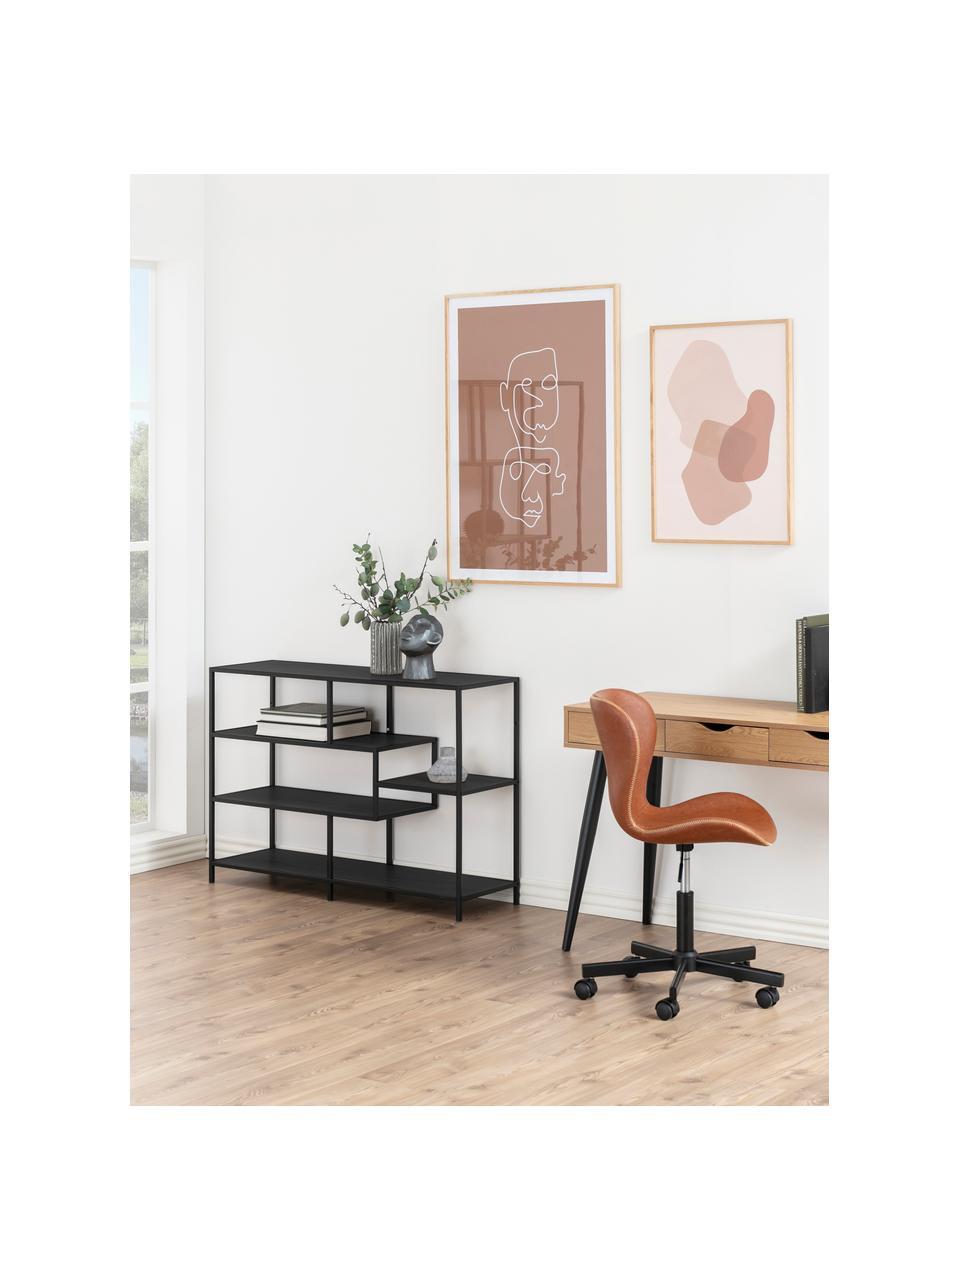 Libreria in legno e metallo Seaford, Ripiani: pannello di fibra a media, Struttura: metallo verniciato a polv, Nero, Larg. 114 x Alt. 78 cm